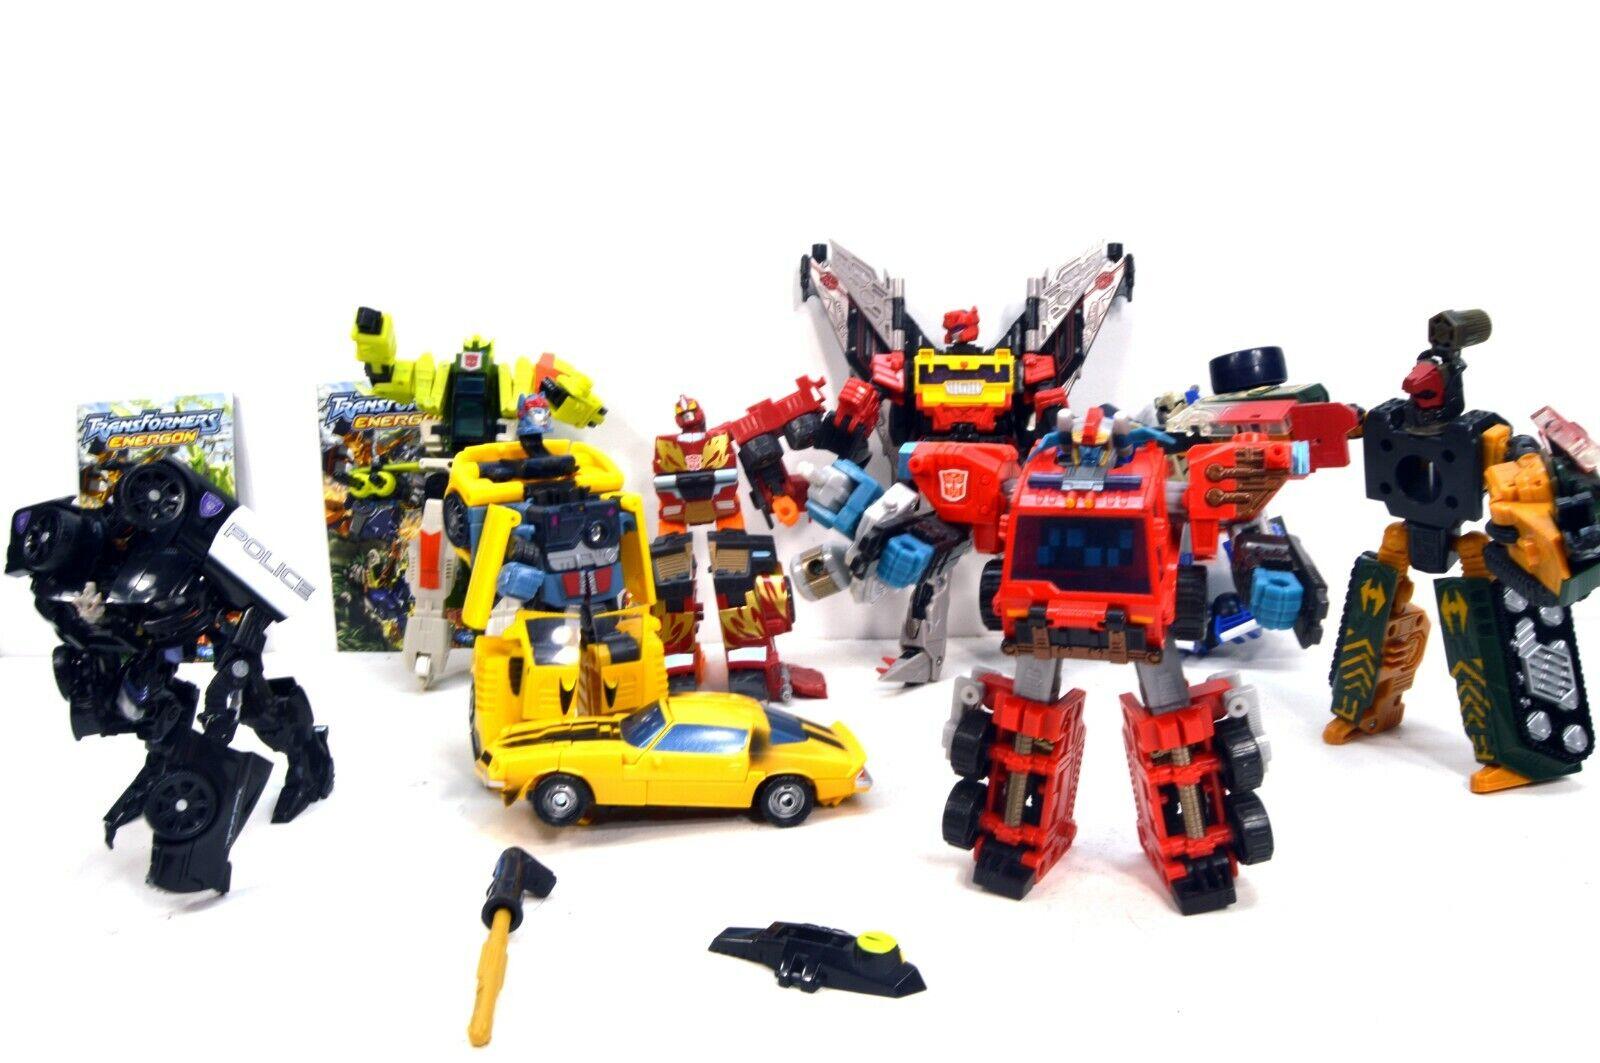 Transformers Giocattolo LOTTO  2006 HasbropiùBumblebee, Polizia, Pompieri, Elicottero